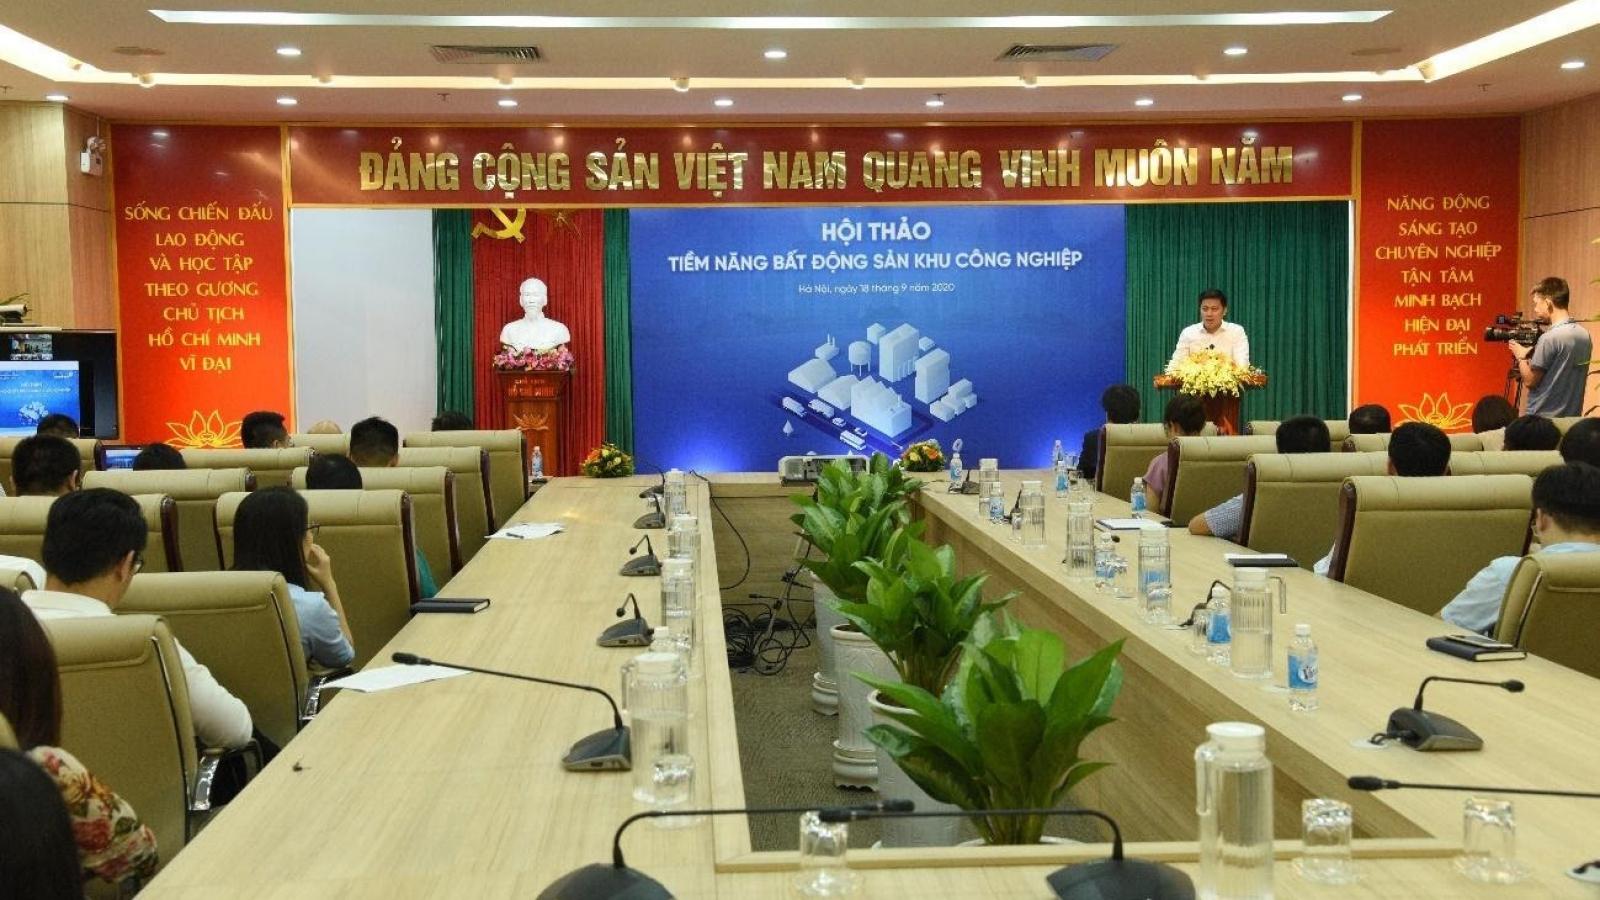 """VietinBank tổ chức Hội thảo """"Tiềm năng Bất động sản Khu công nghiệp"""""""